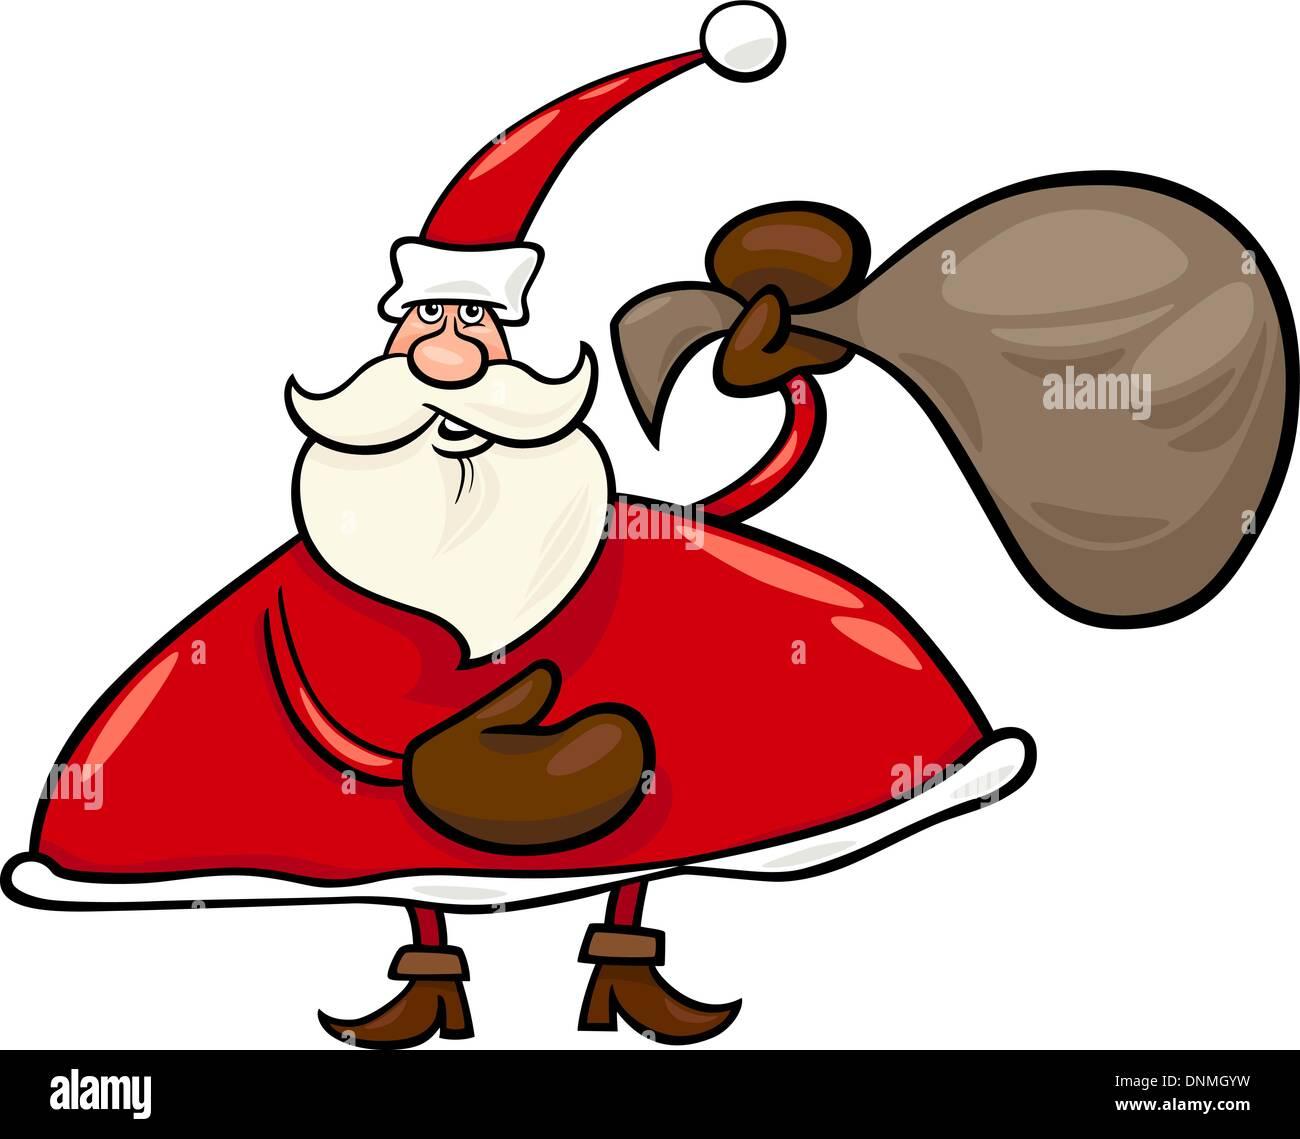 Imagenes De Papa Noel Animado.Ilustracion De Dibujos Animados De Santa Claus O Papa Noel